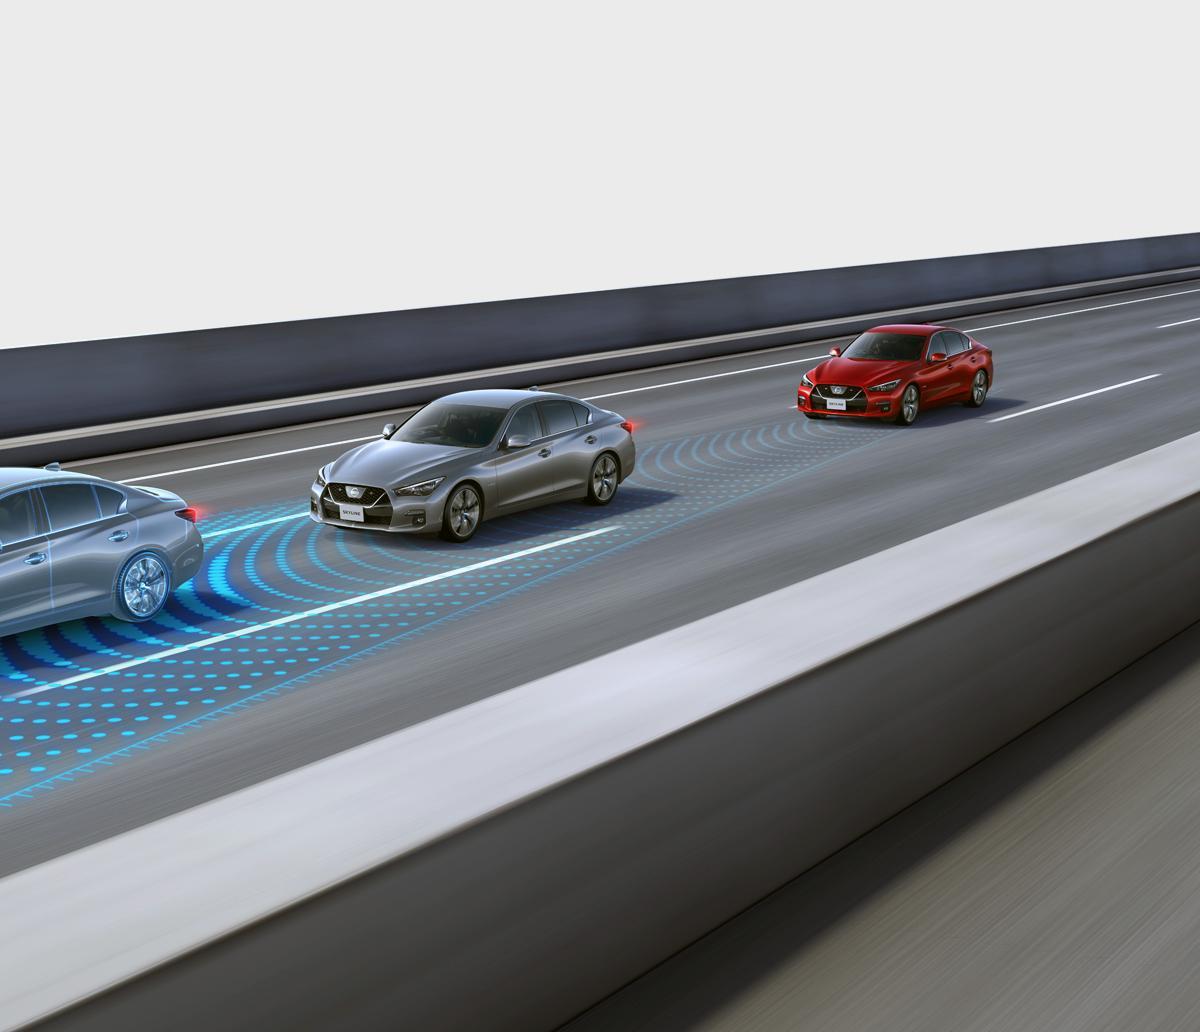 ハンズオフ運転が可能な「プロパイロット2.0」搭載車がついに登場! 大幅進化を遂げた新型スカイラインの衝撃